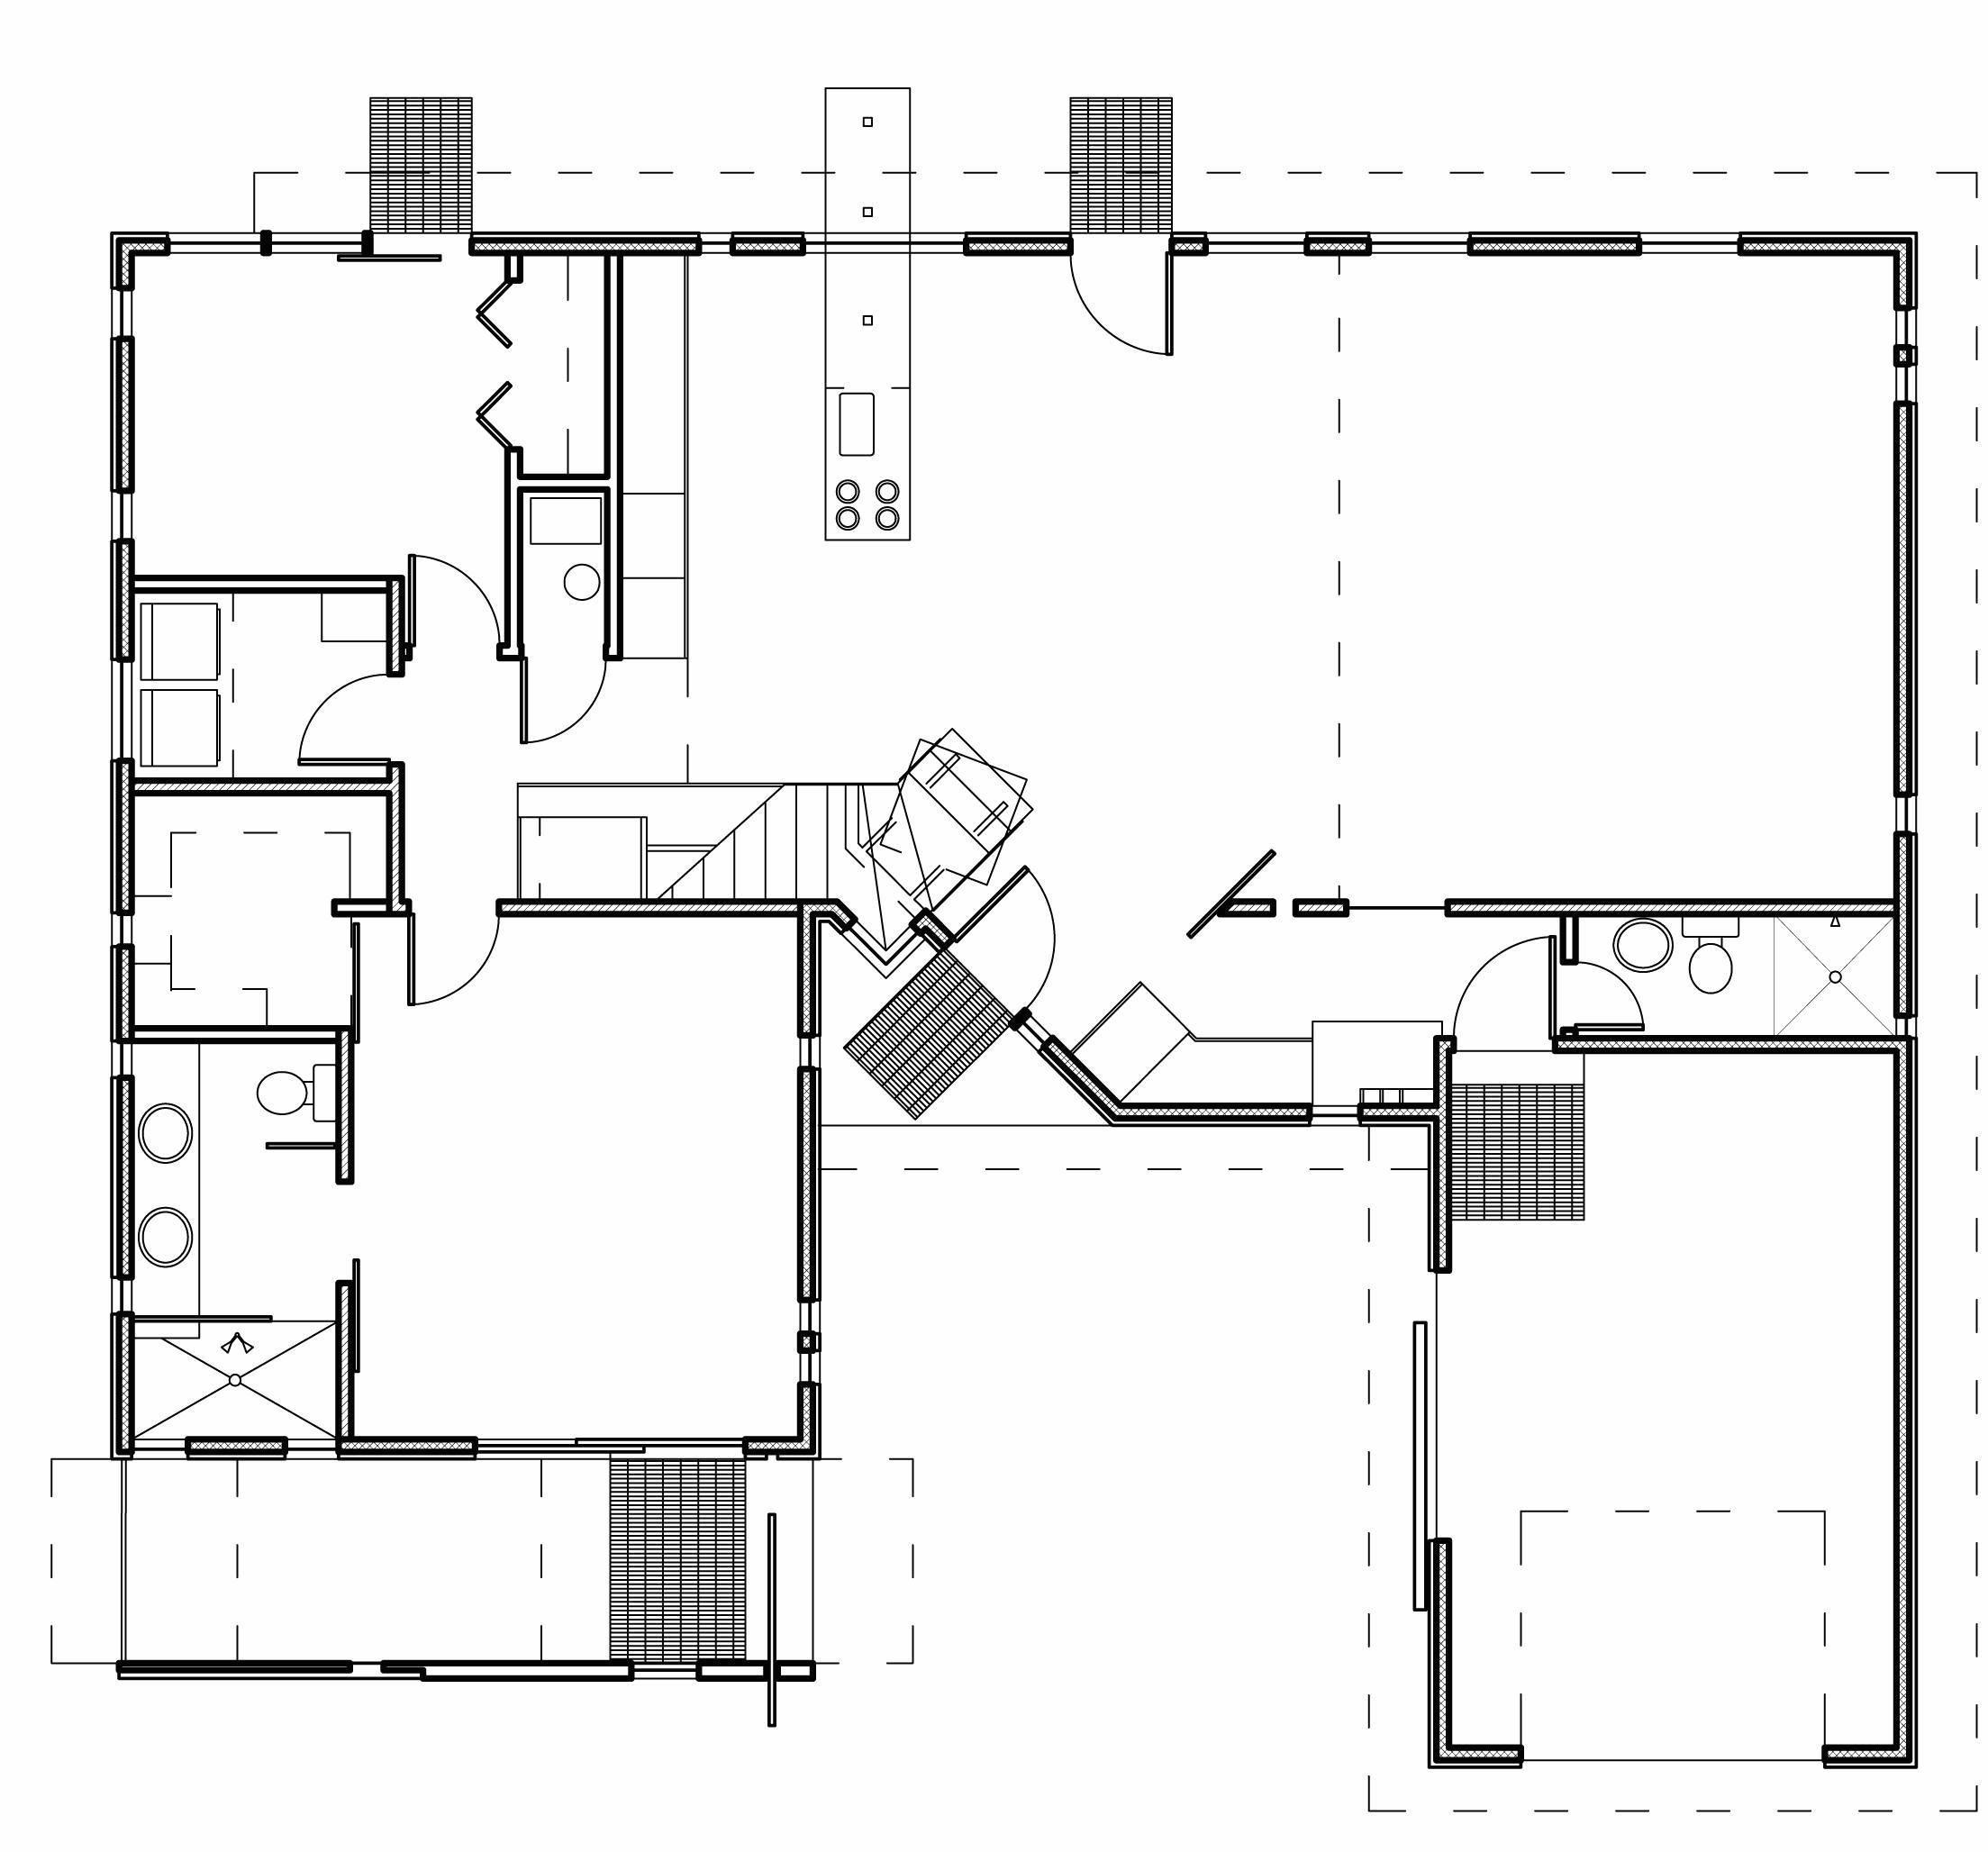 basic home plans unique house floor plan maker unique simple floor plan luxury home plans 0d